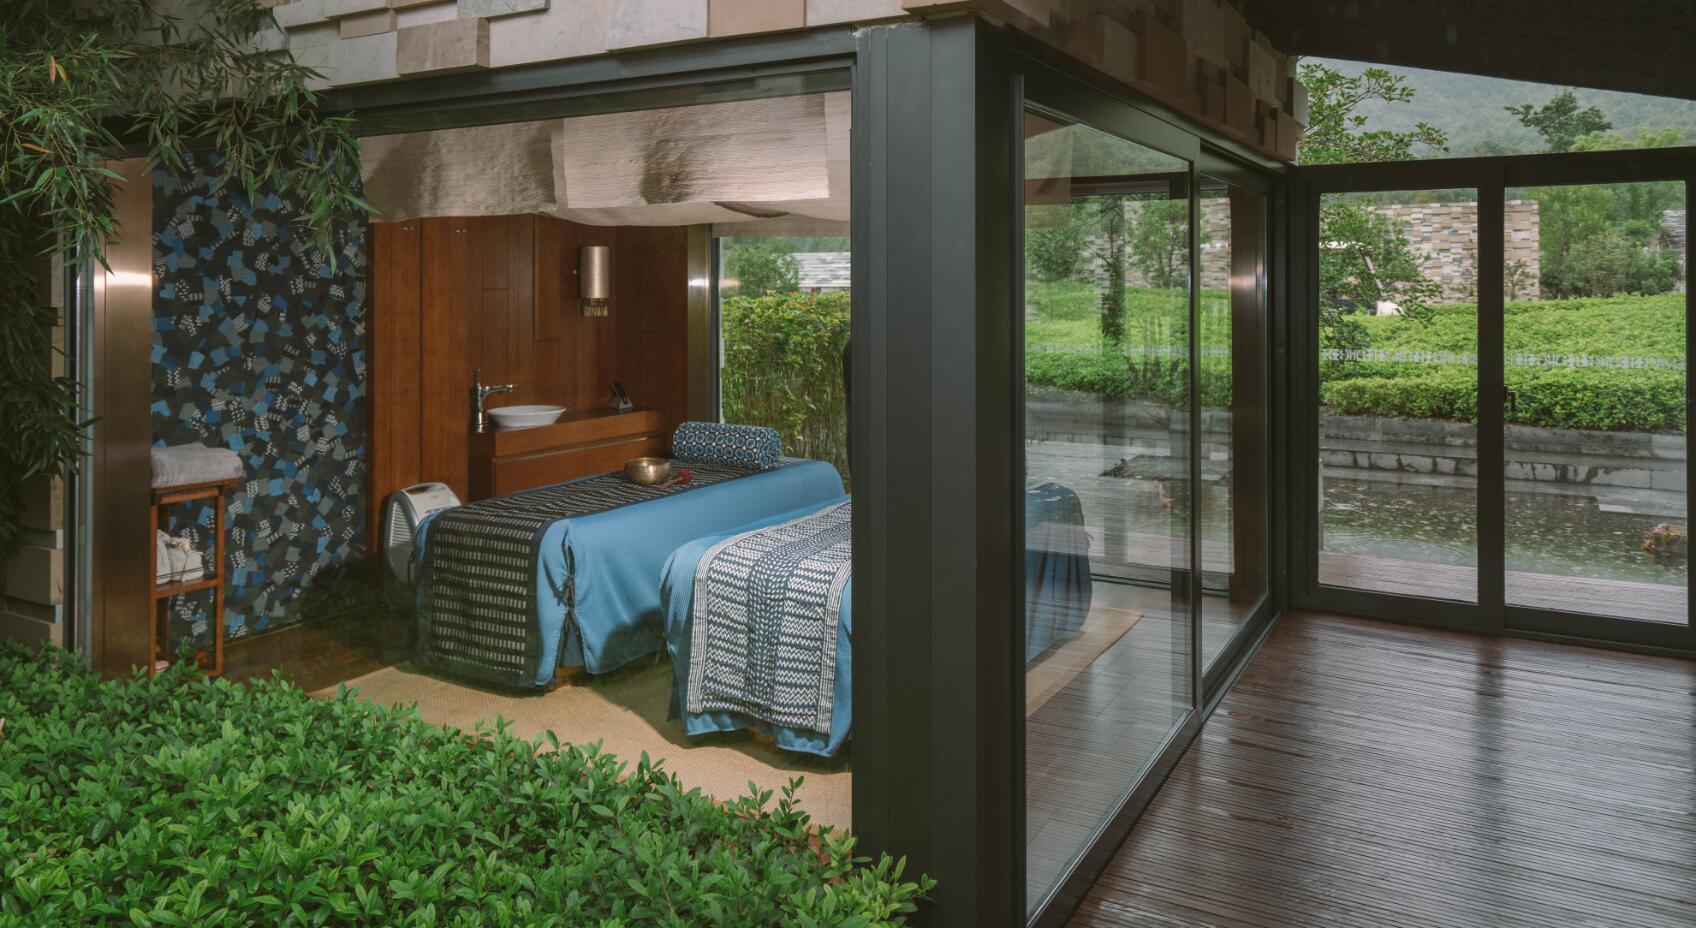 麻将桌及专享巨型温泉泡池,宽敞的室内机室外空间足以满足一个大家庭